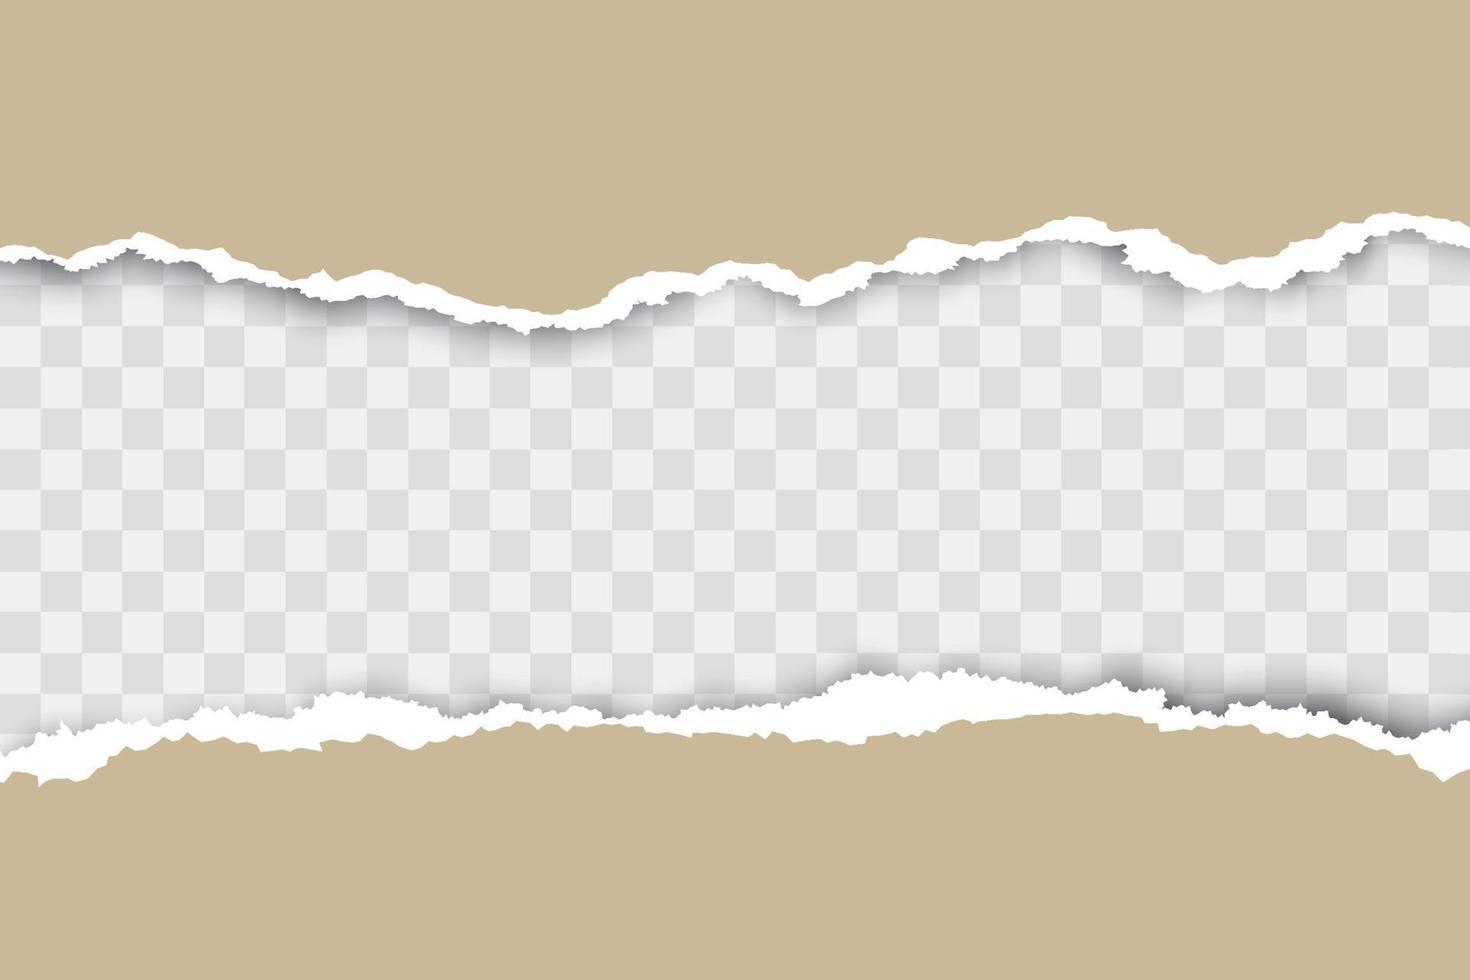 brauner zerrissener Papierhintergrund mit Platz für Ihren Text. vektor